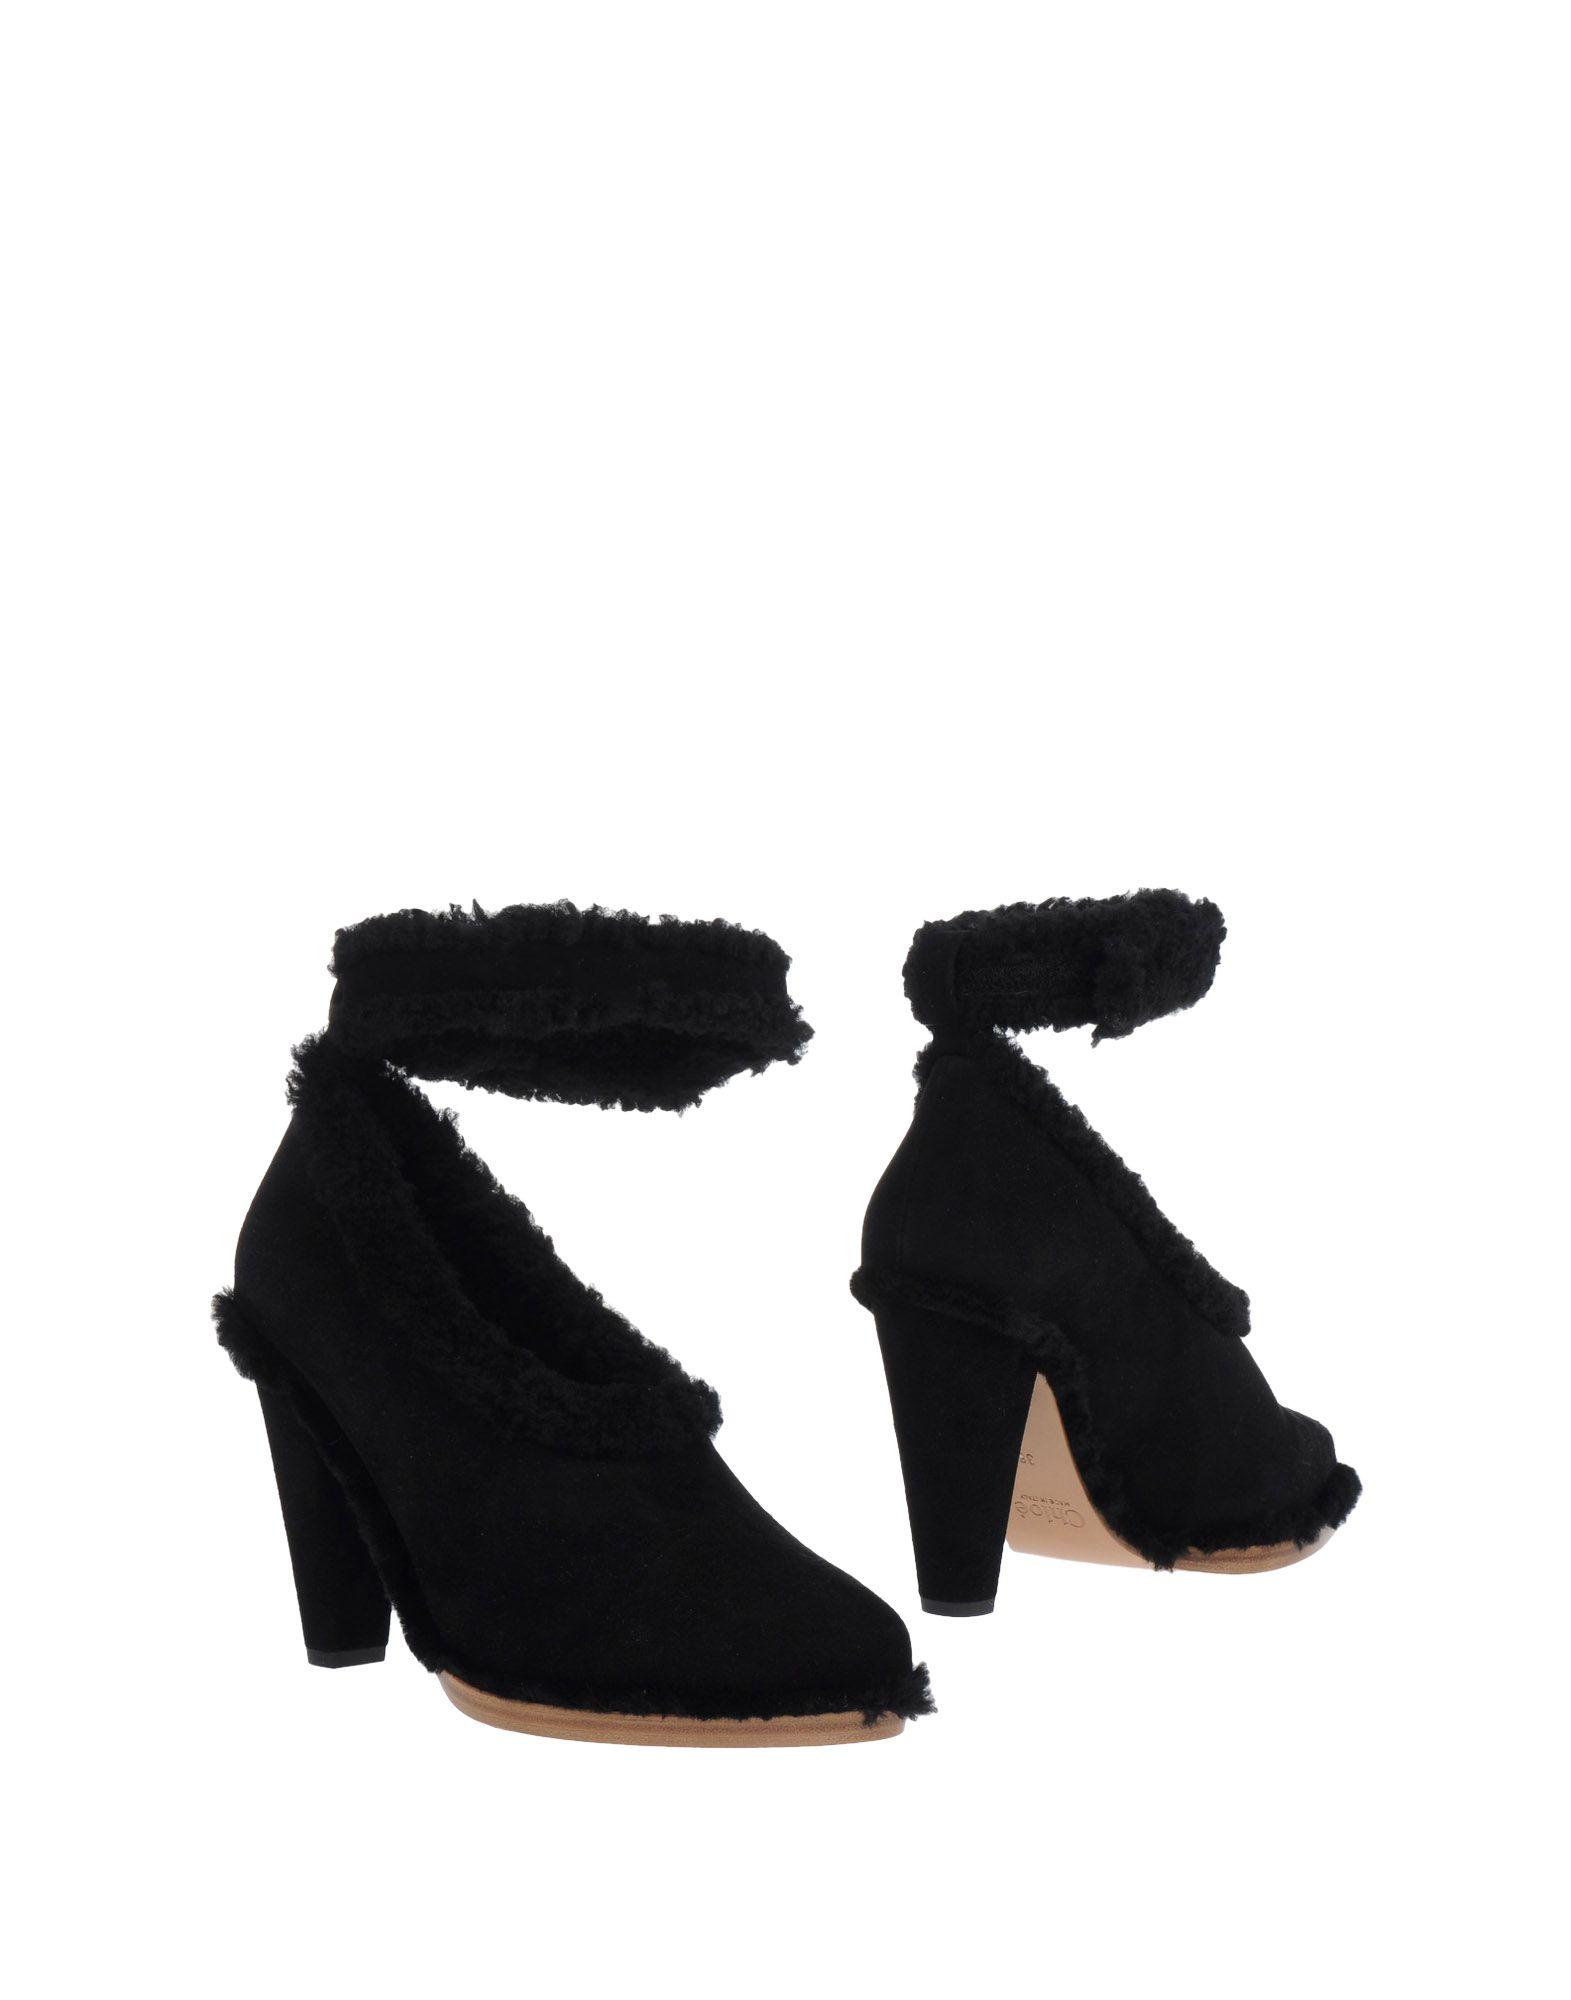 Chloé Stiefelette Damen  44973686UXGünstige gut aussehende Schuhe